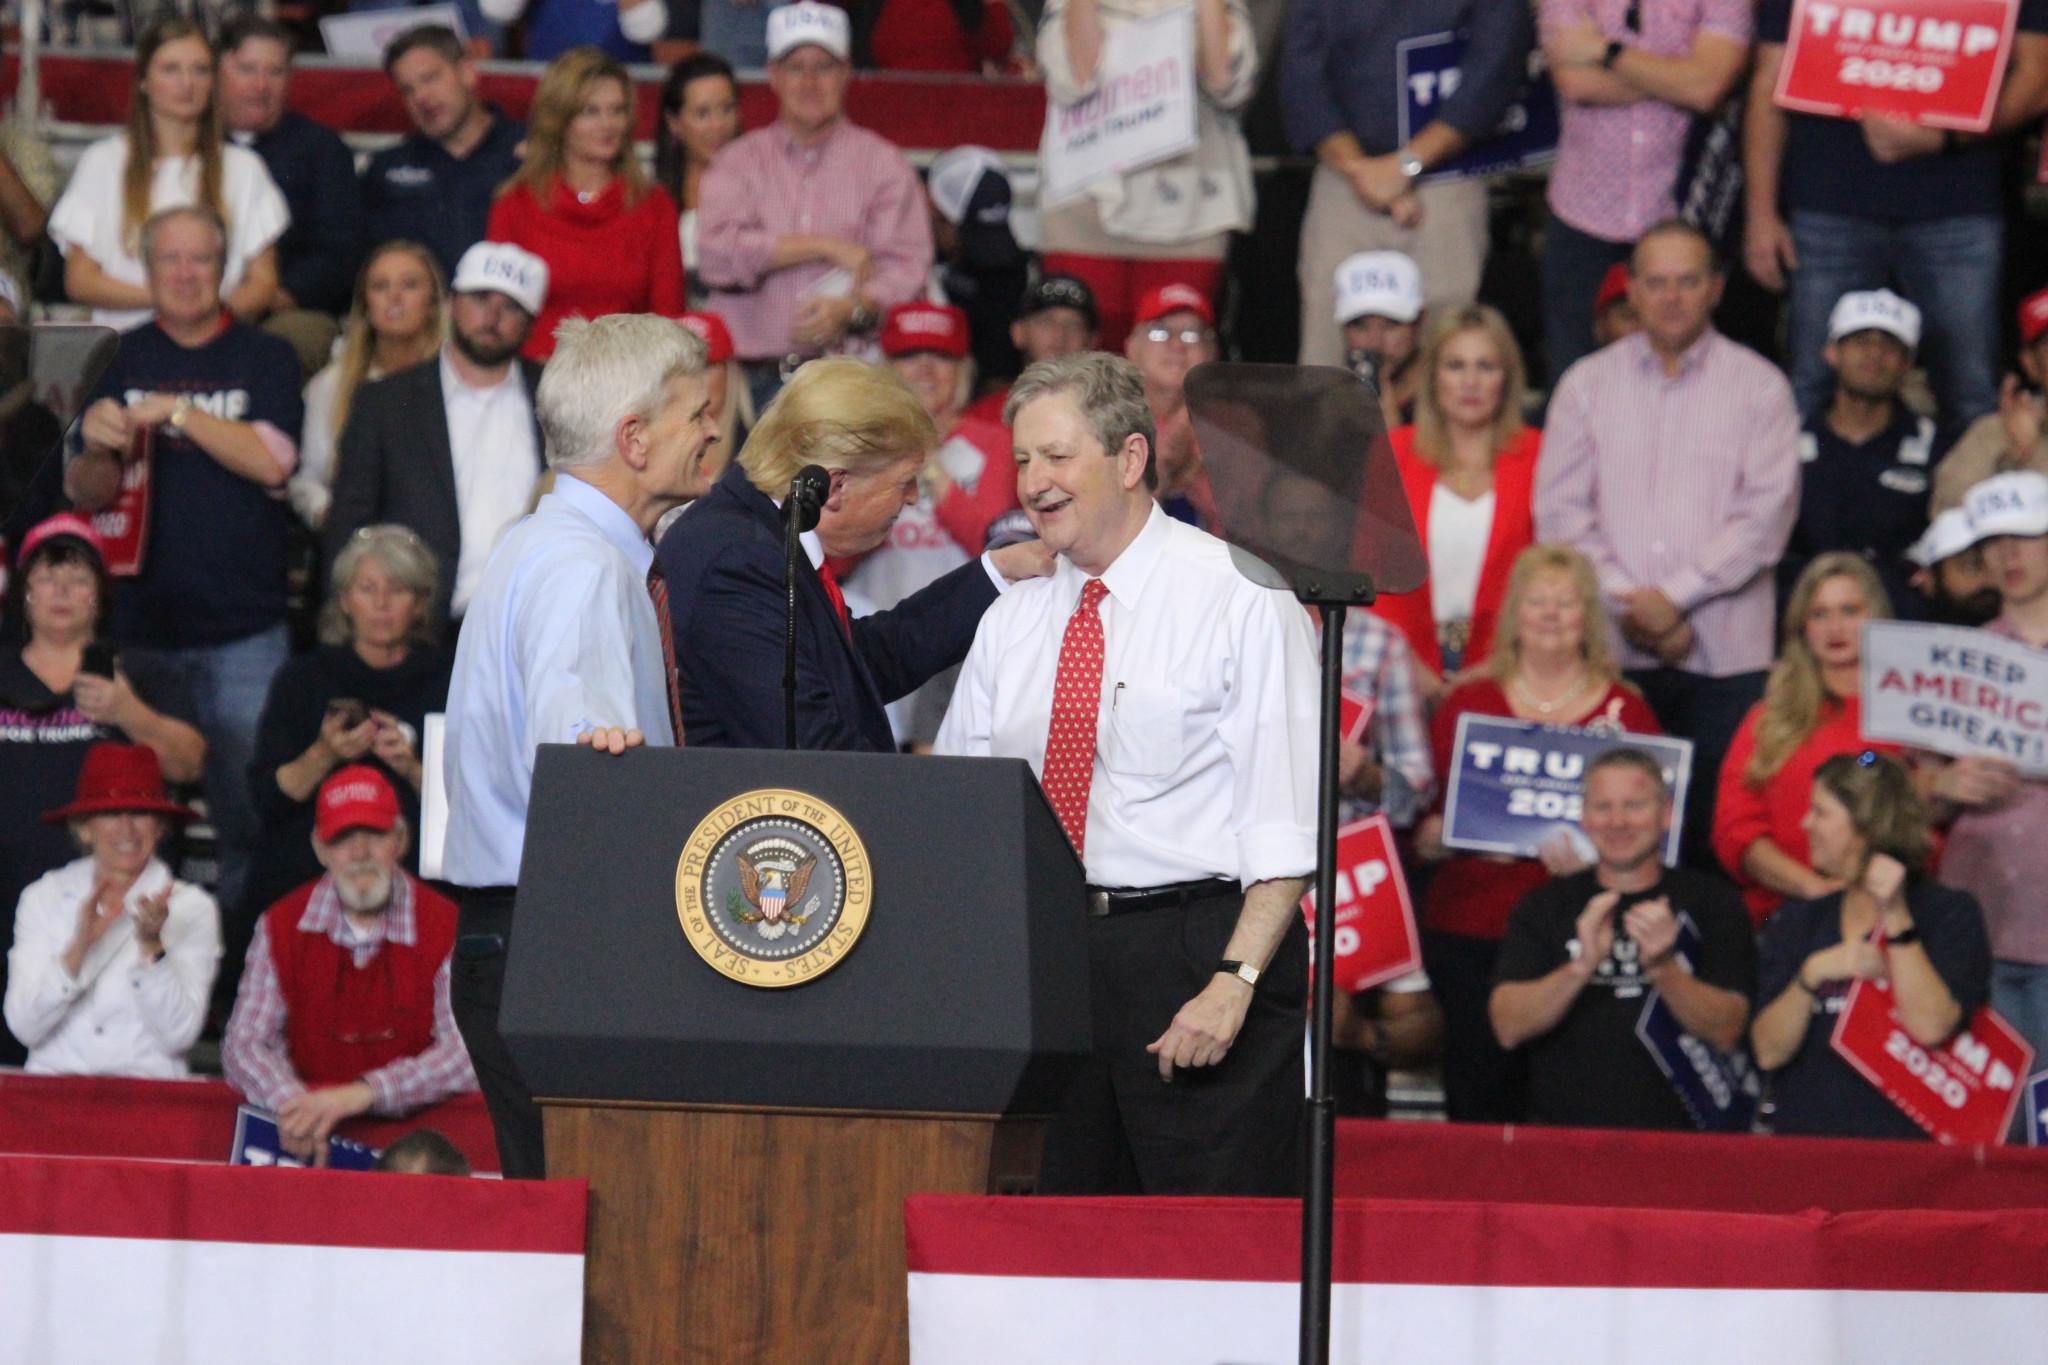 Louisiana's U.S. Senators Bill Cassidy (left) and John Kennedy